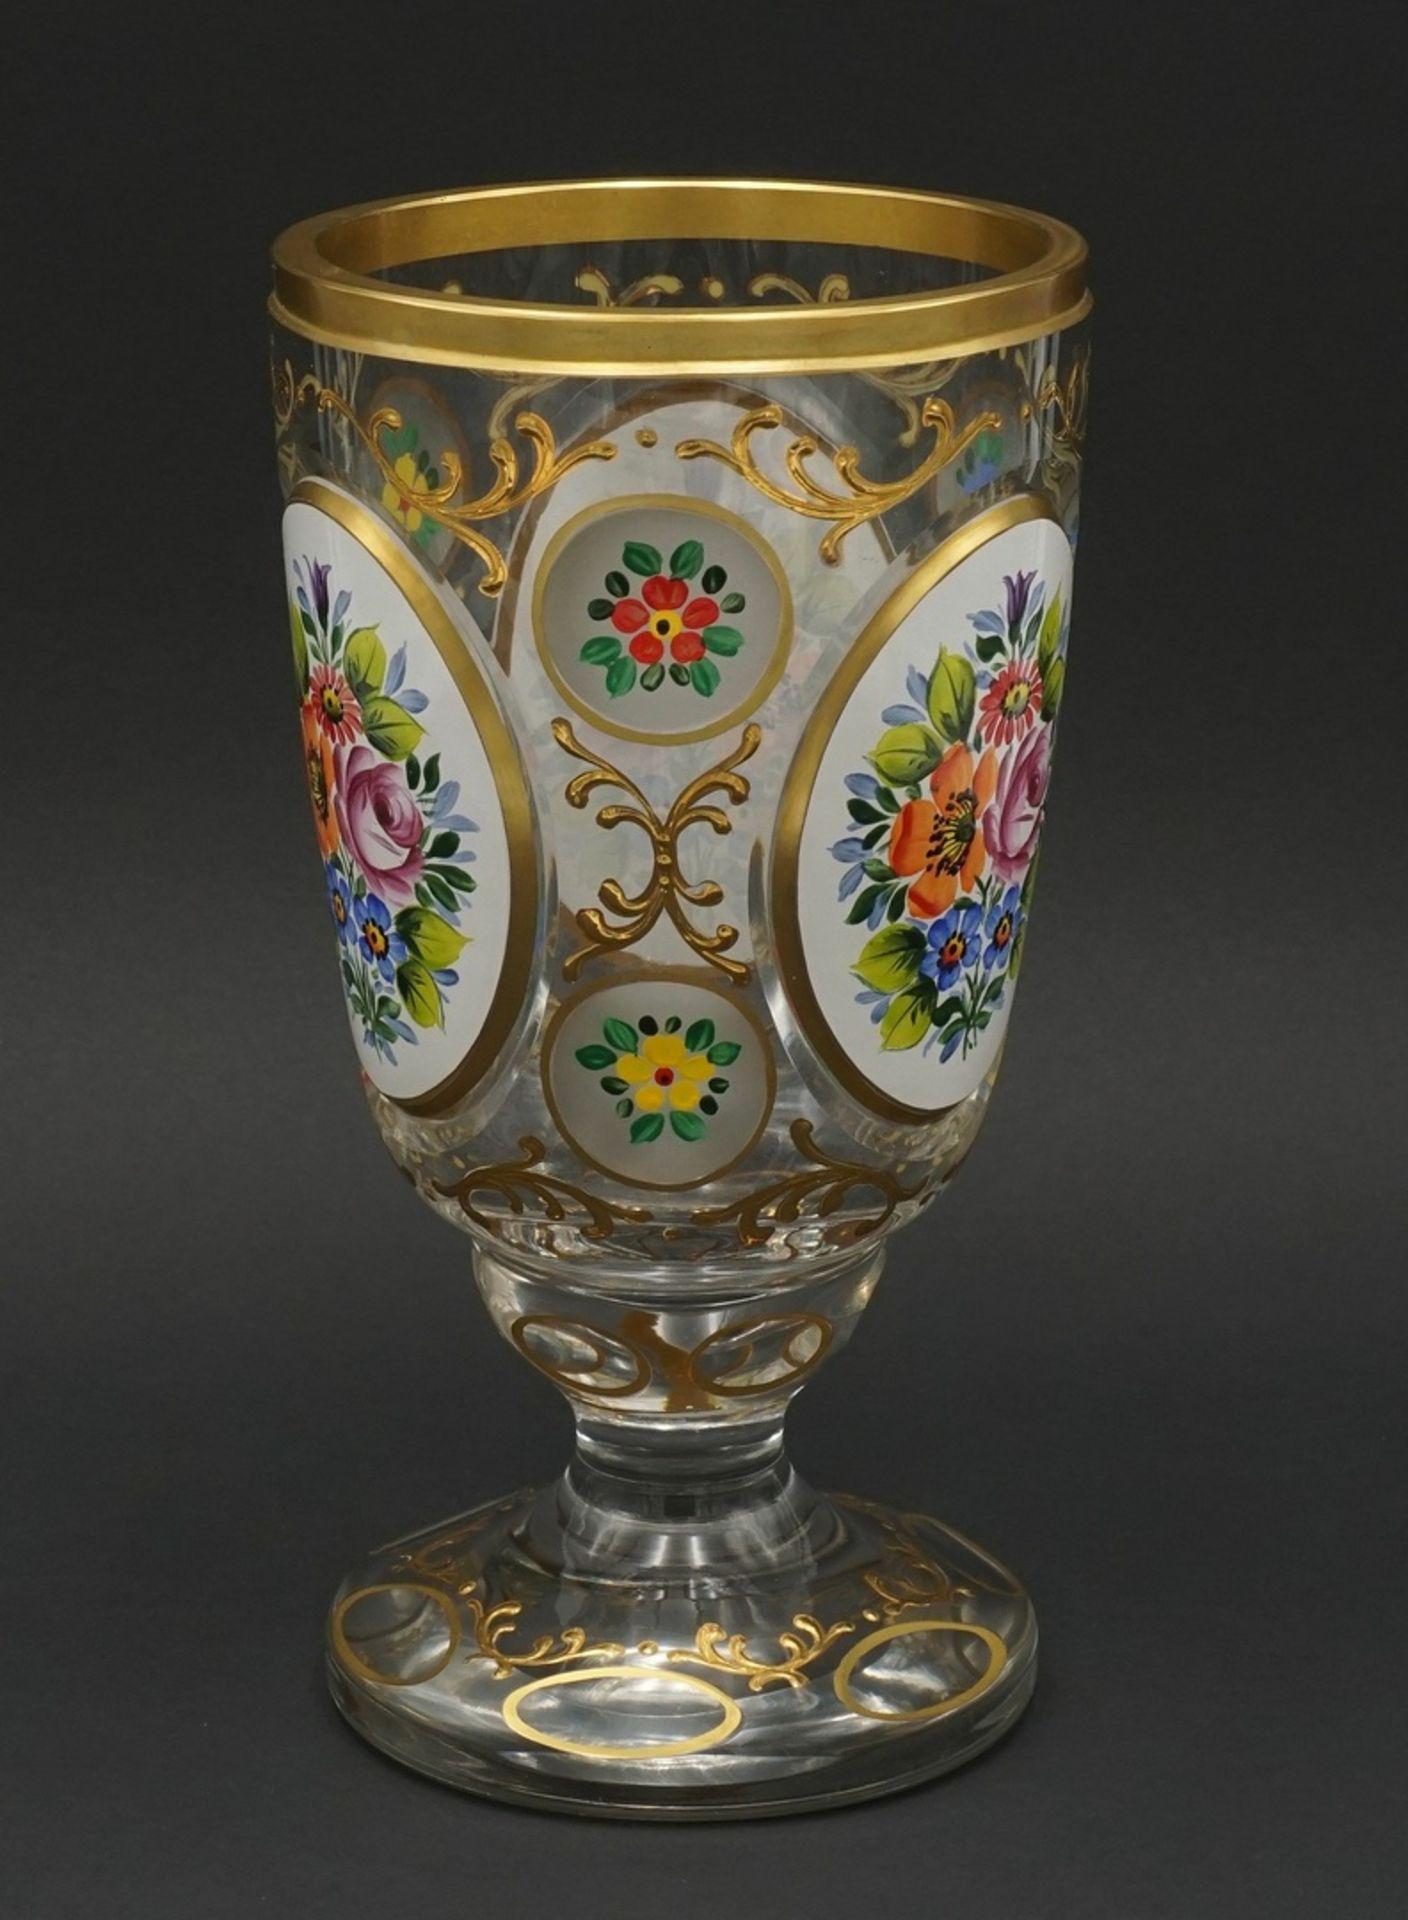 Ranftglas mit Emaillemalerei, 20. Jh. - Bild 3 aus 3